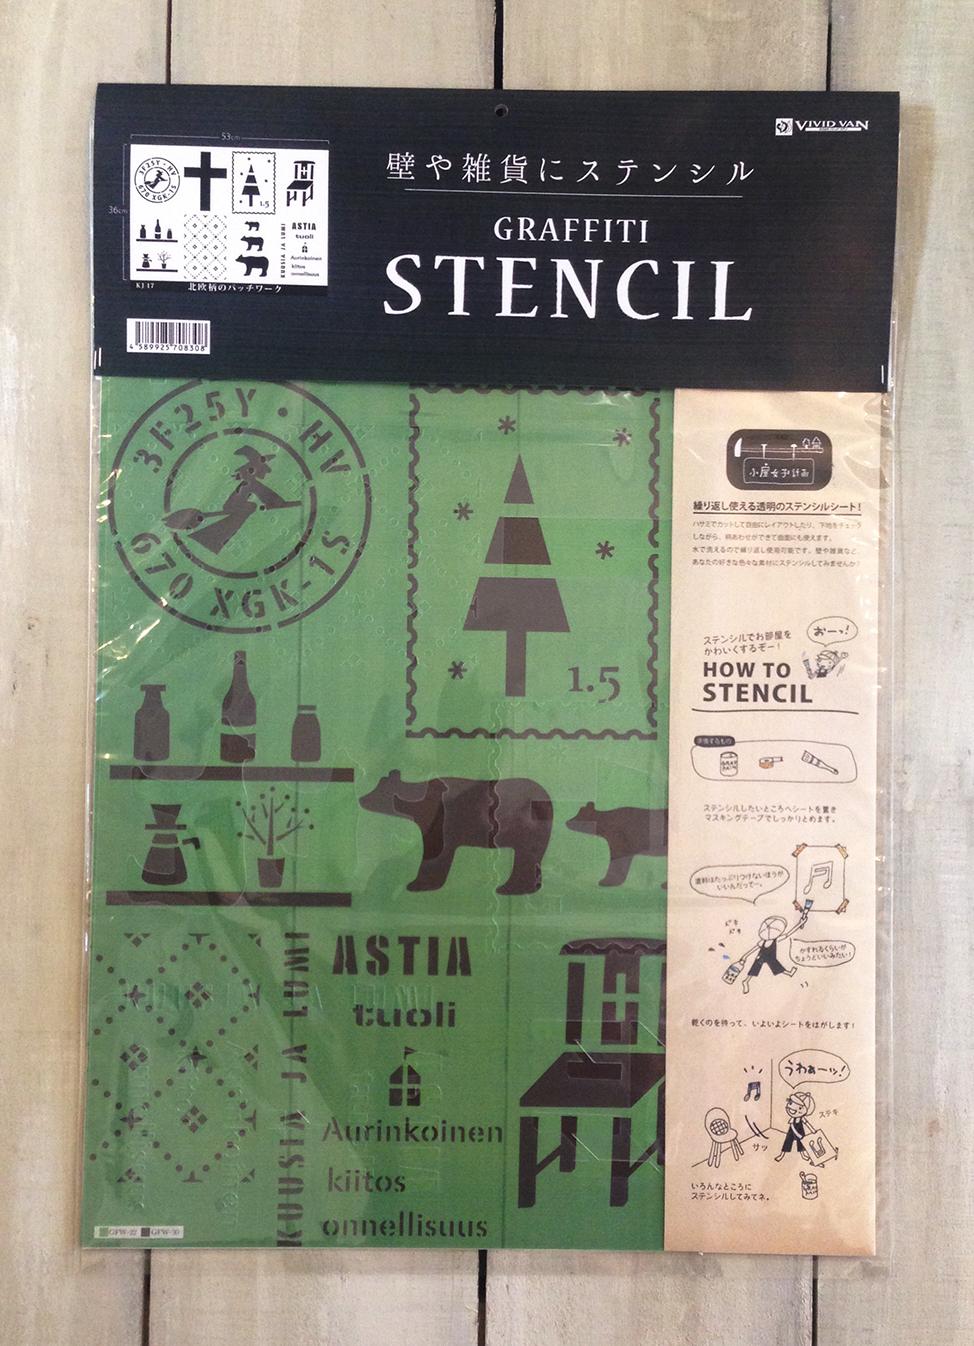 小屋女子計画ステンシル<br />「北欧柄のパッチワーク」